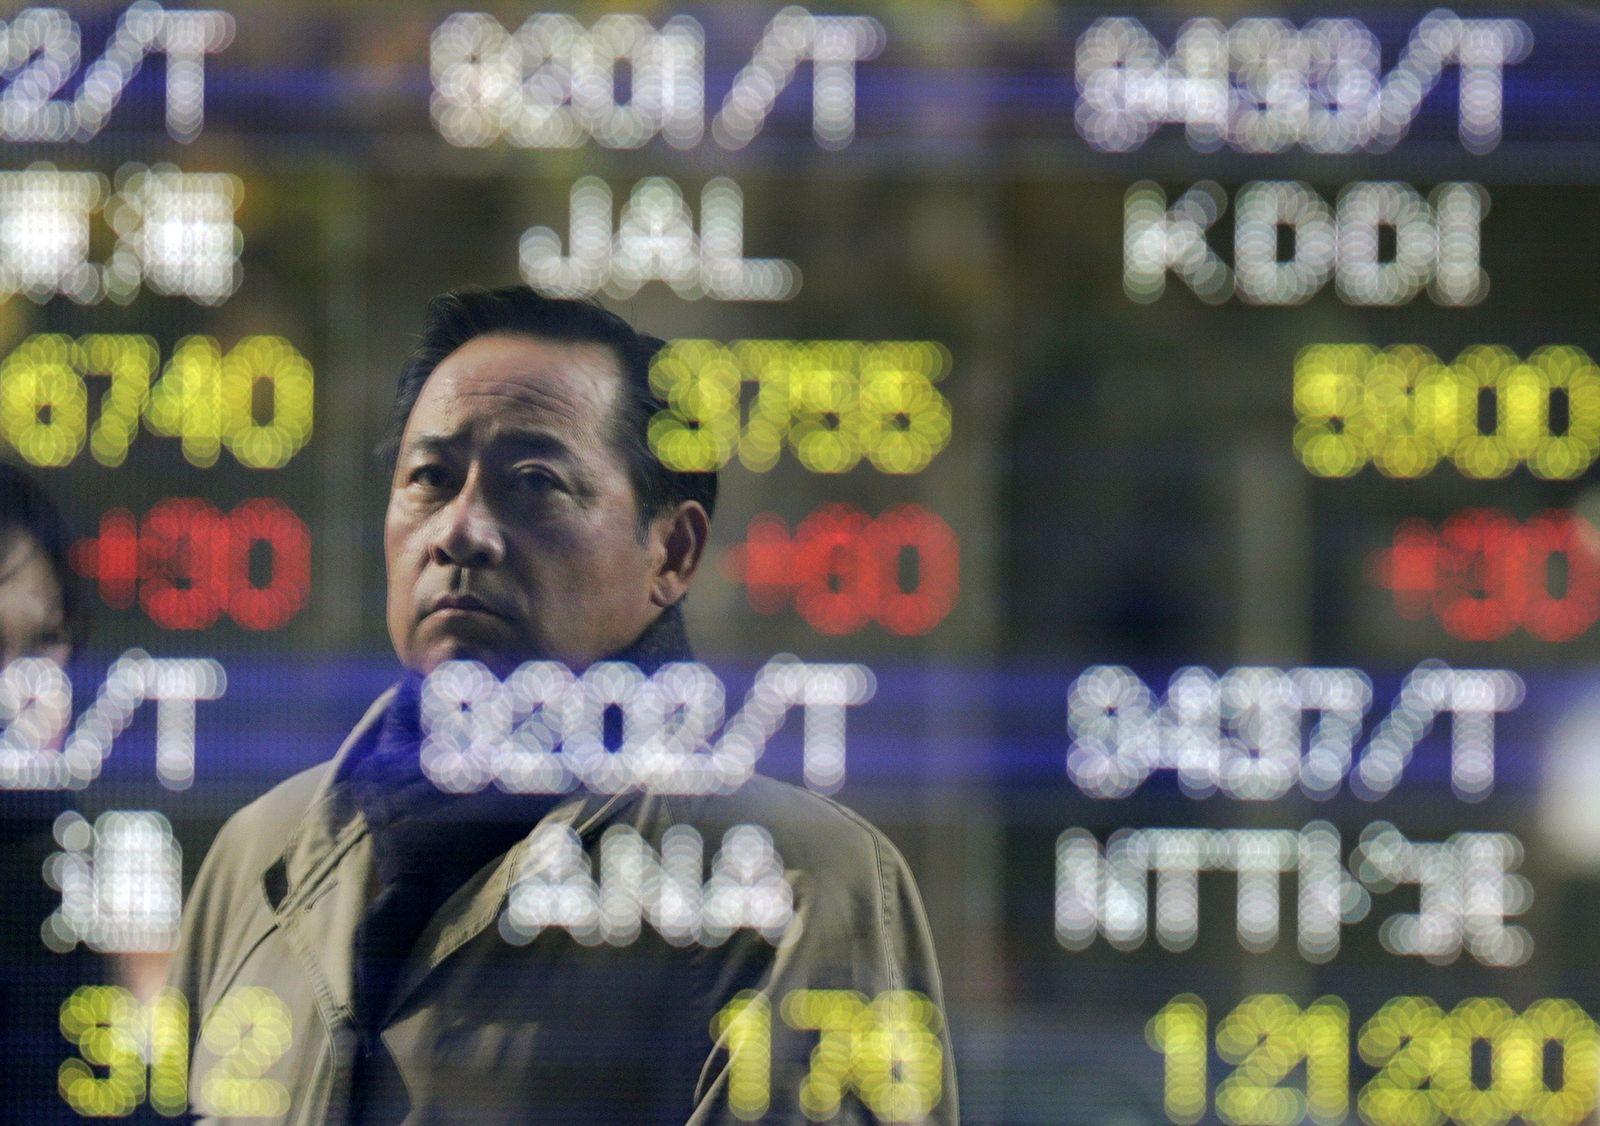 Japan Börsenkurse